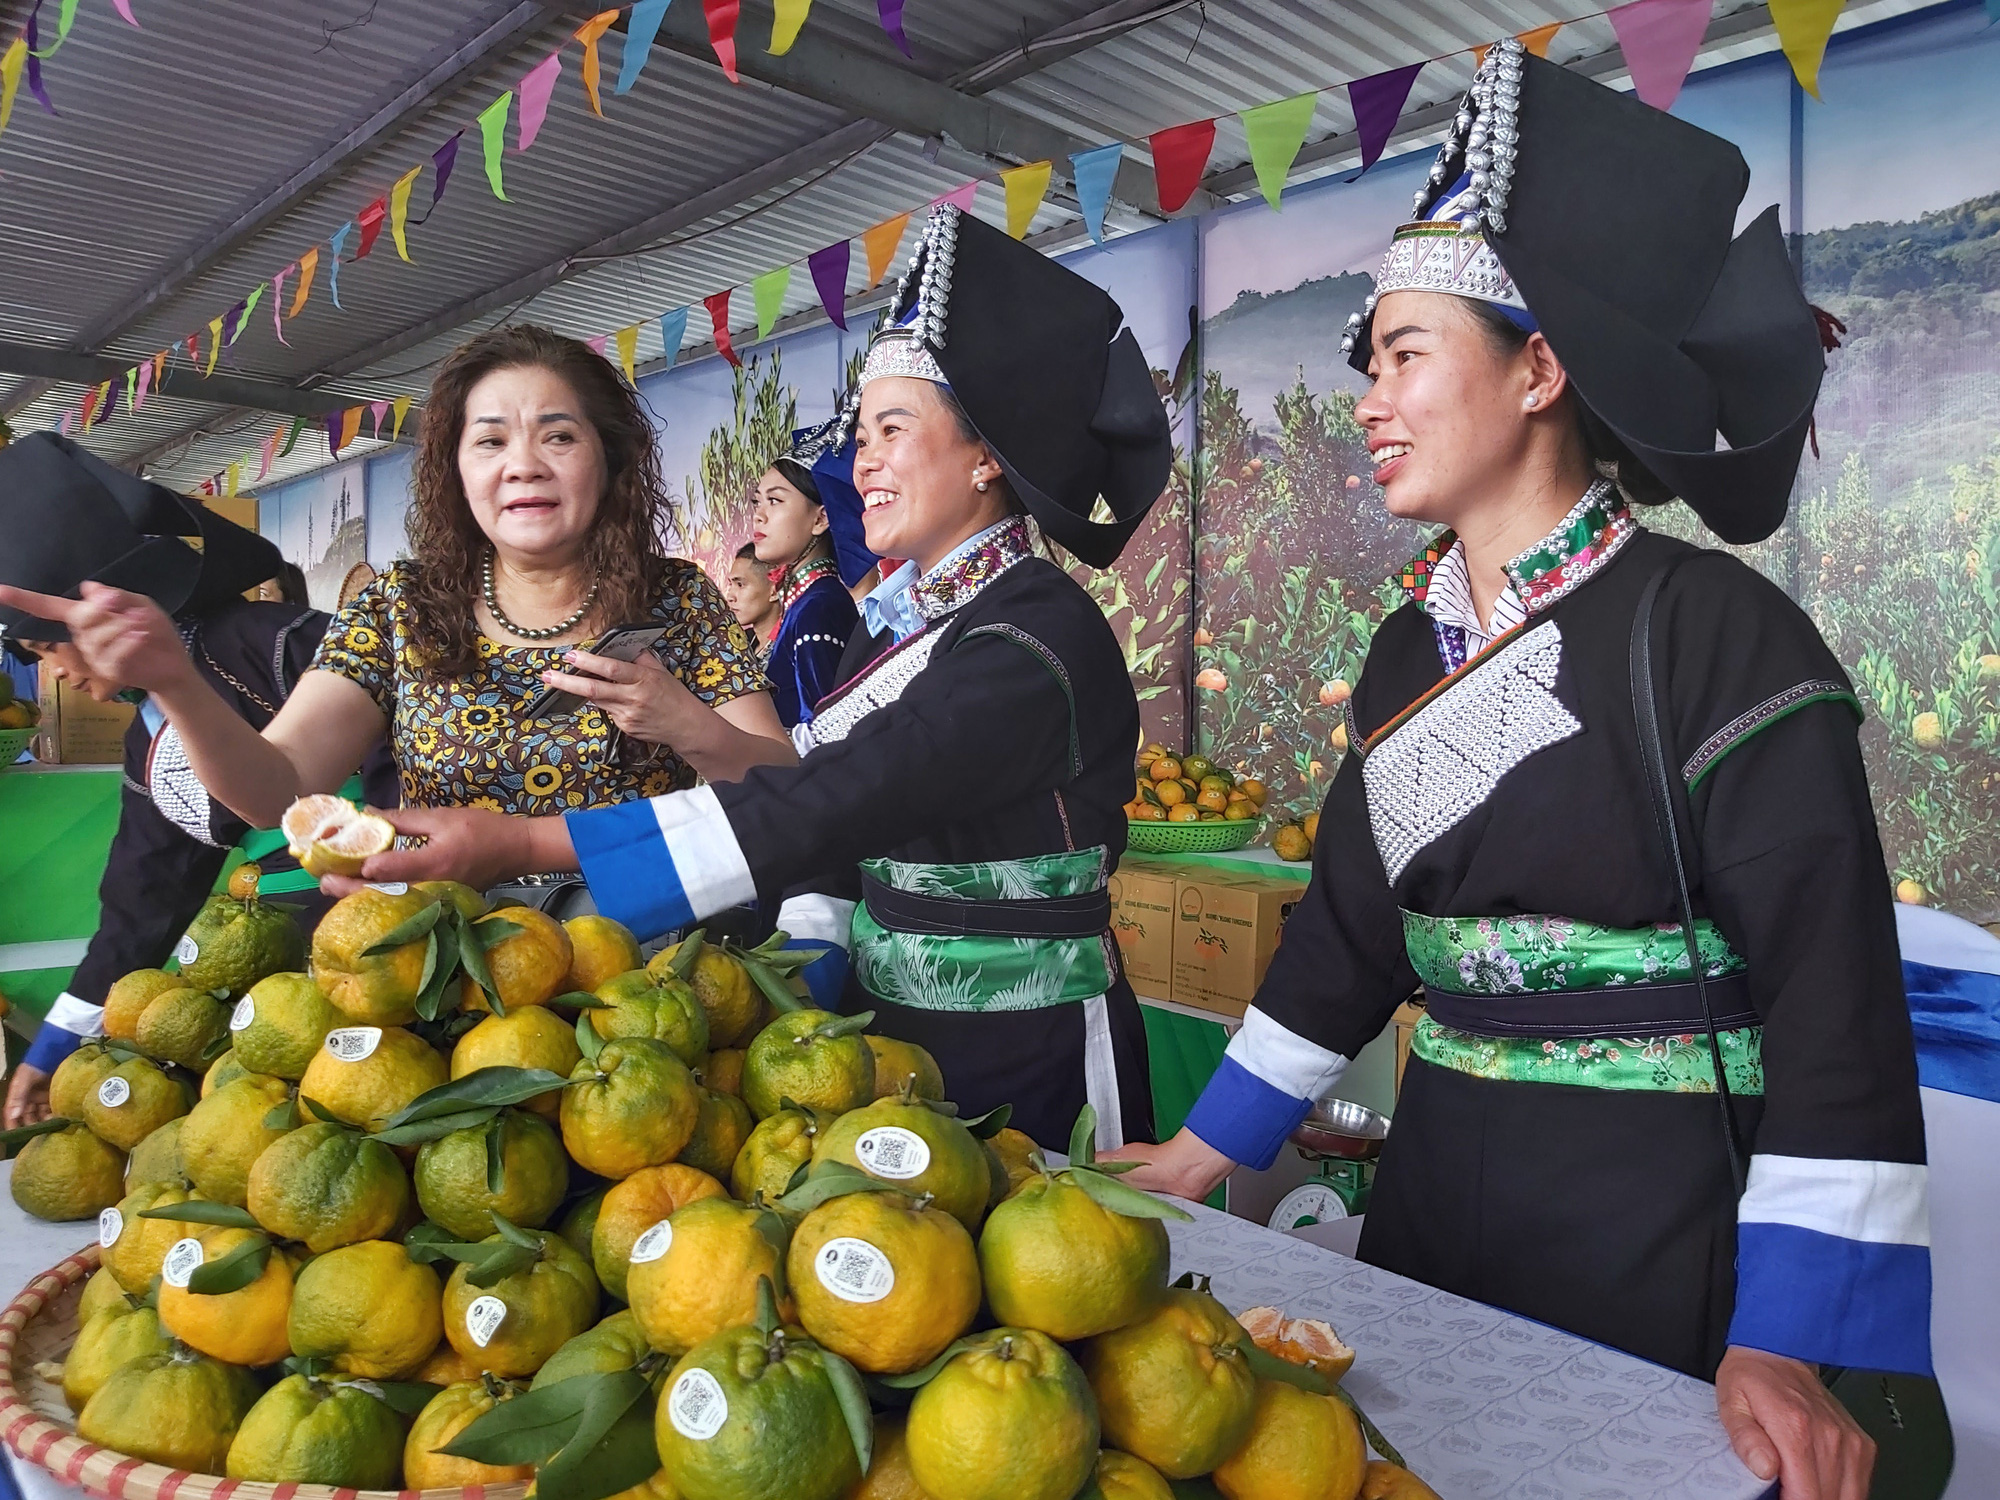 """Quýt ngọt, gạo Séng Cù, bưởi Múc...của huyện Mường Khương """"đổ bộ"""" xuống Thủ đô, người dân mê mẩn mua về ăn thử - Ảnh 5."""